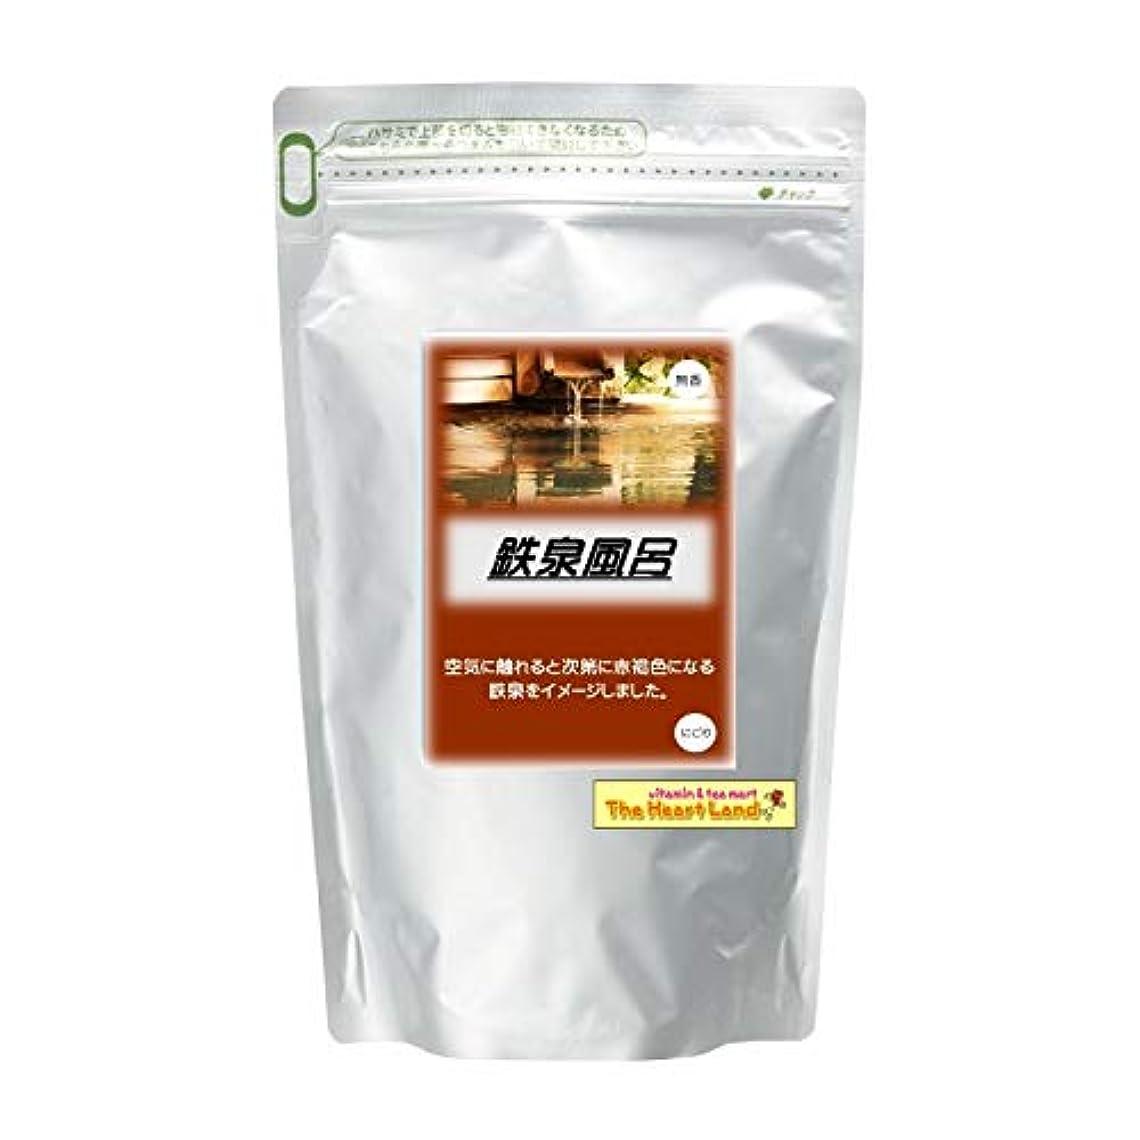 上級の配列マウスピースアサヒ入浴剤 浴用入浴化粧品 鉄泉風呂 300g